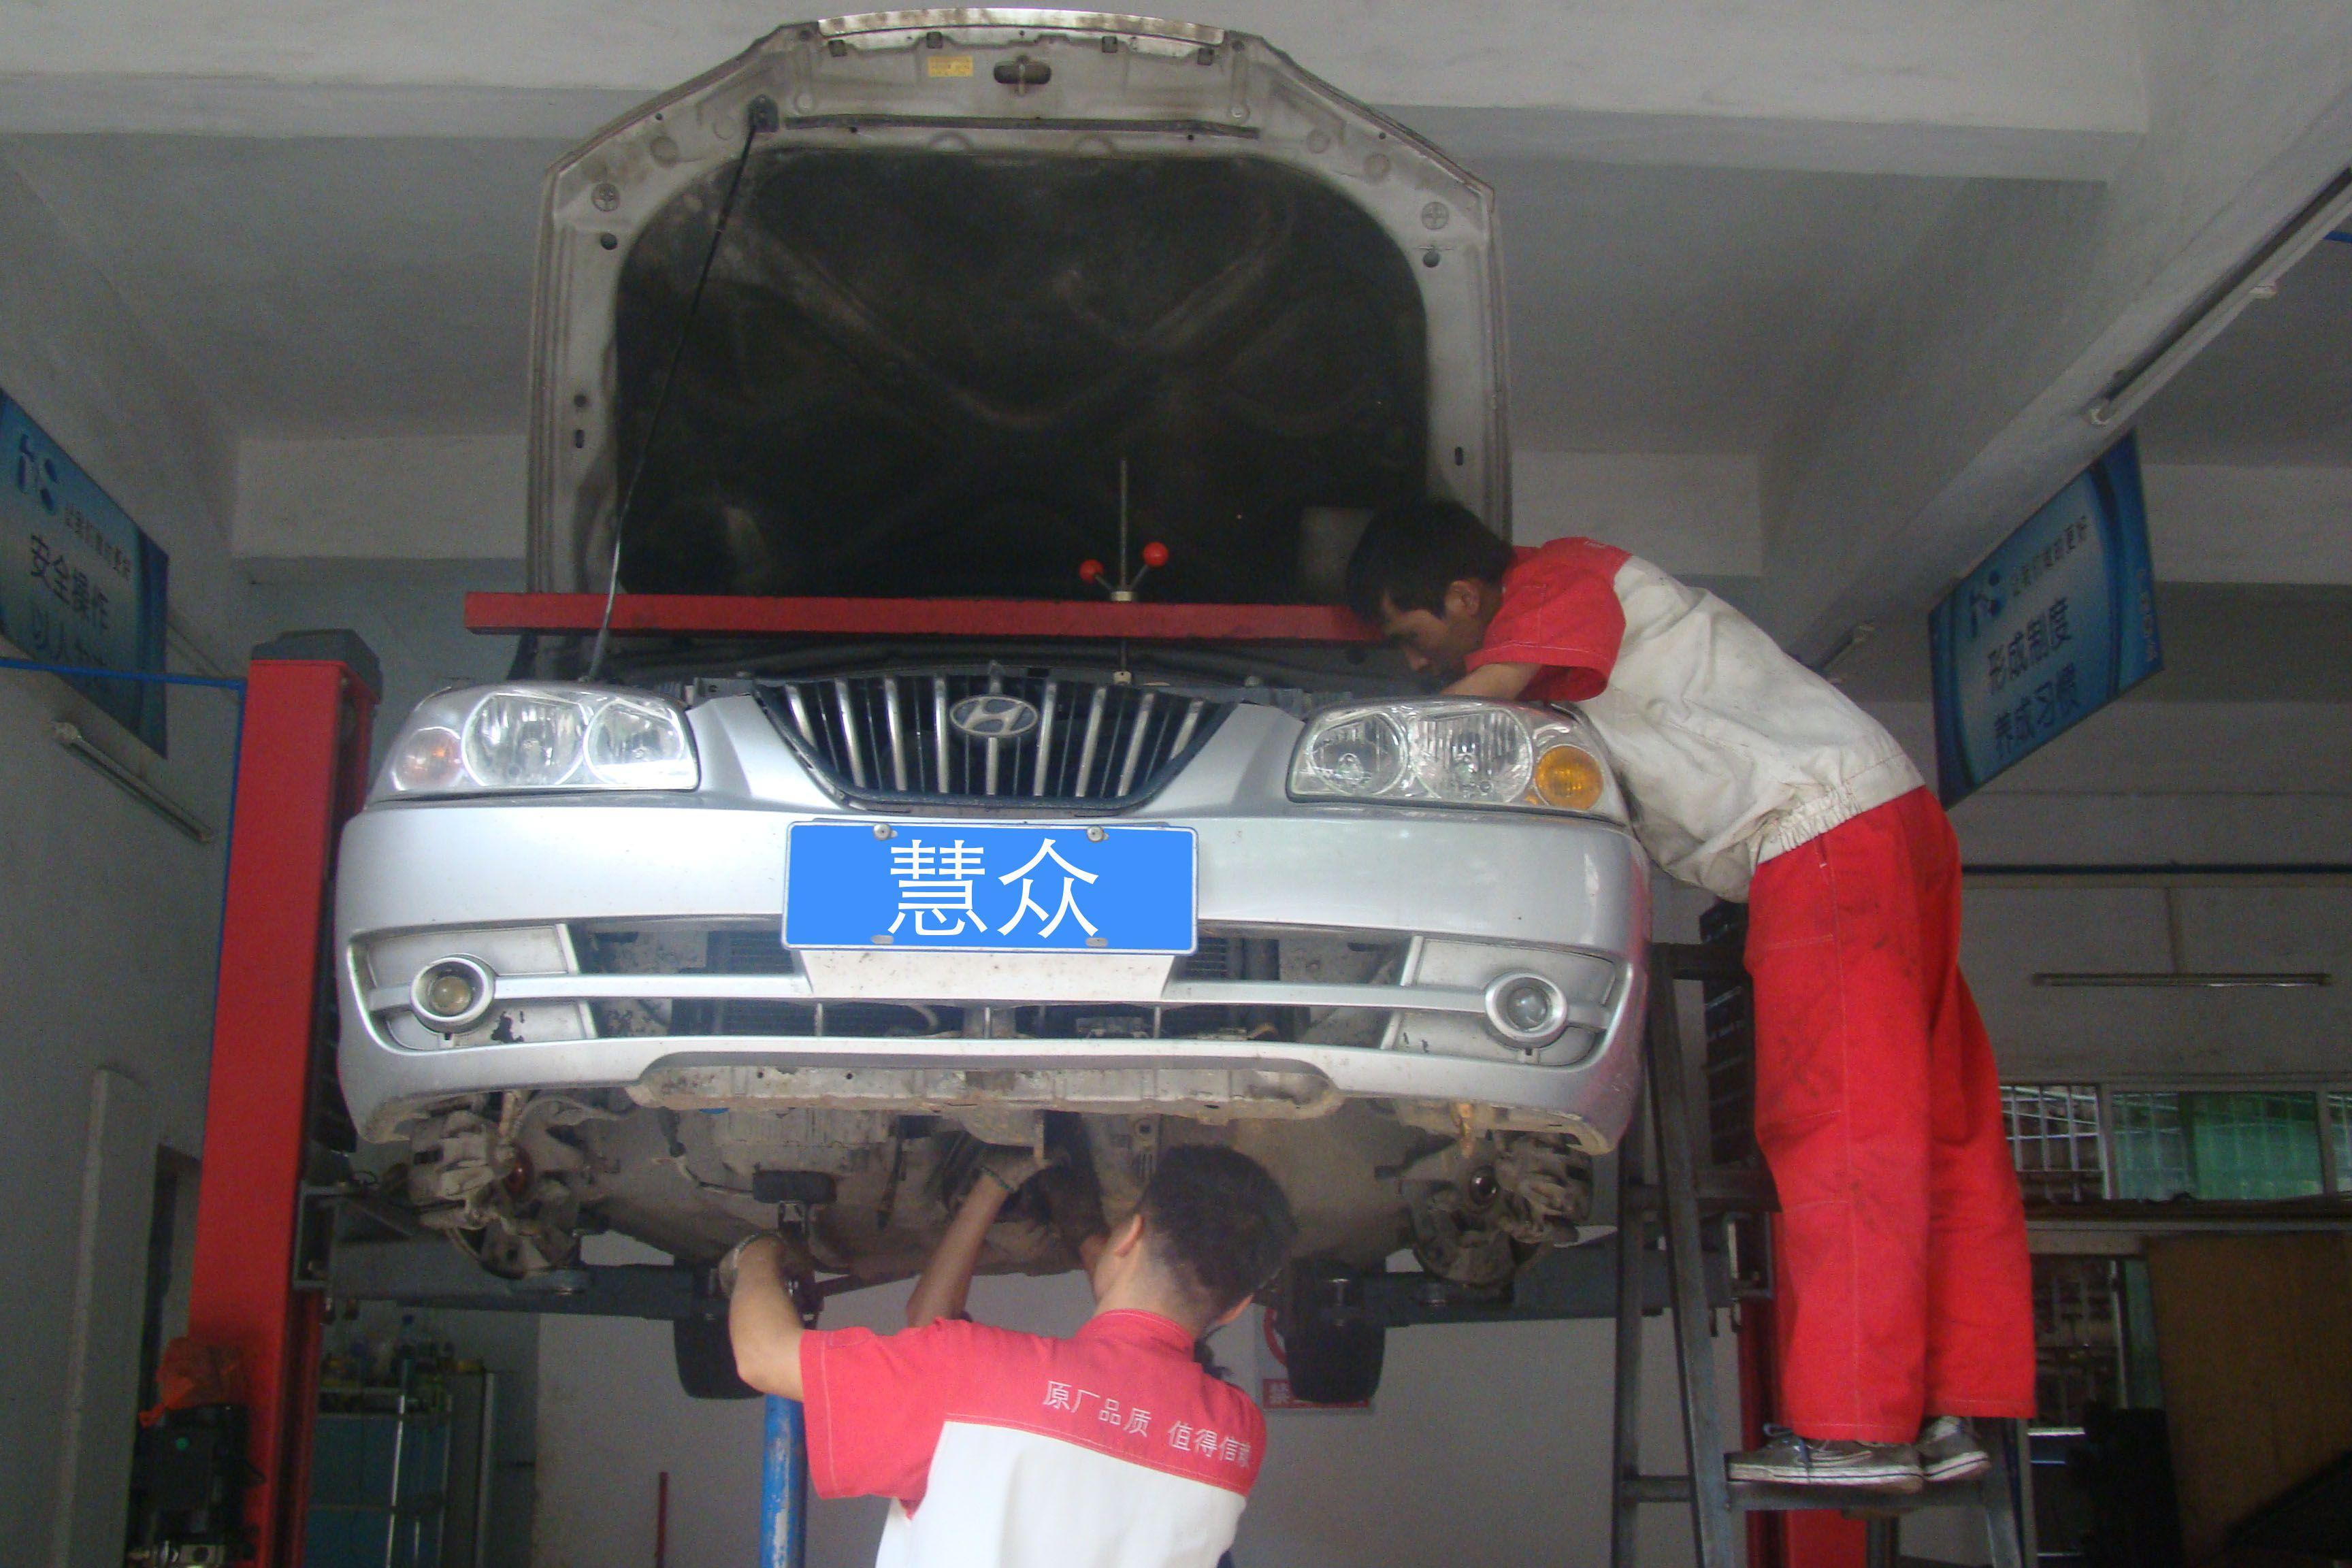 伊兰特自动变速器频繁跳档车辆发耸结果是节气门位置传感器损坏导致!